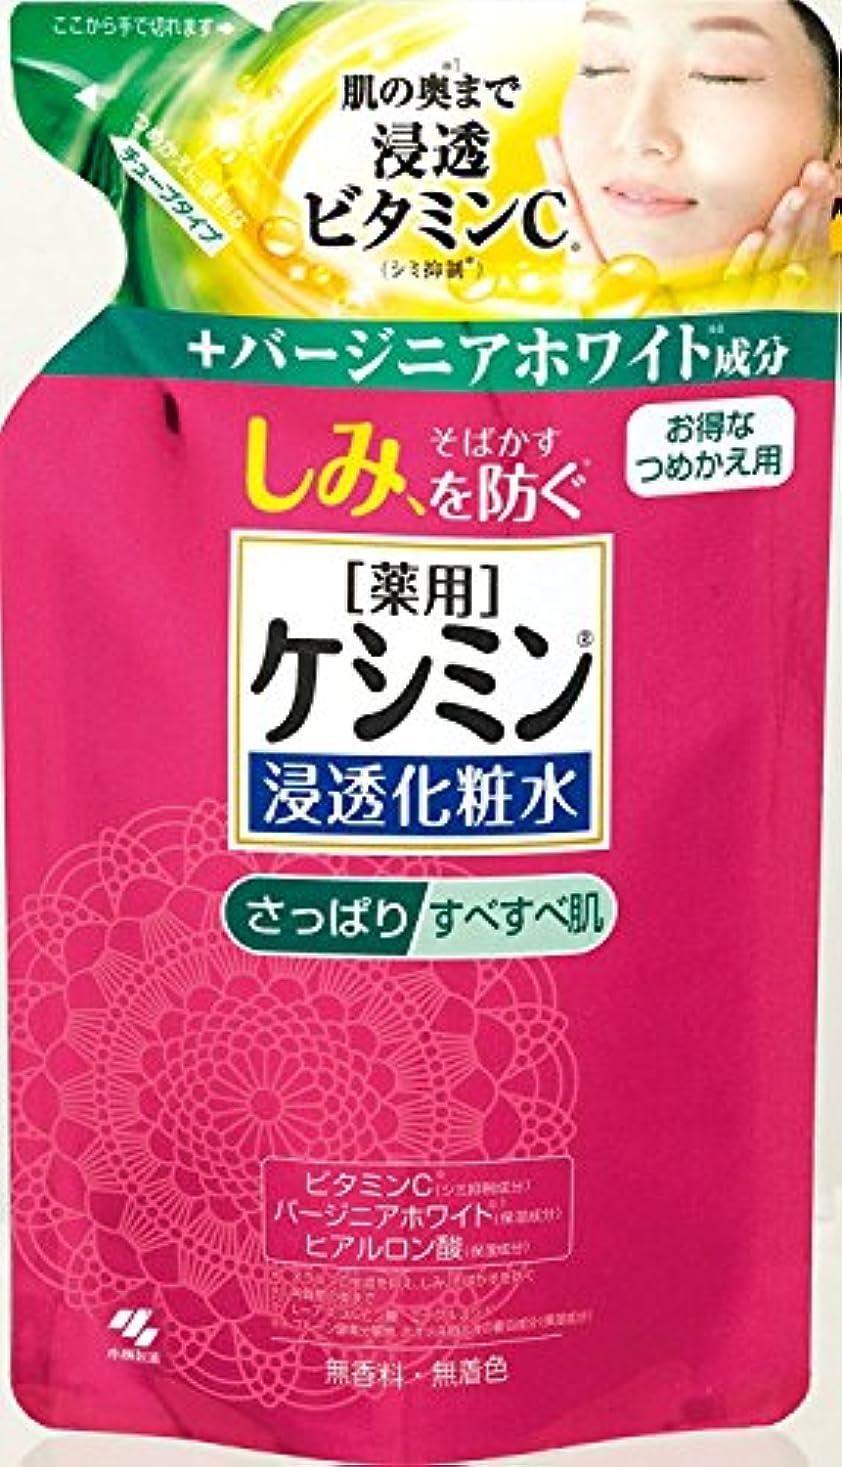 命令パトロン胚芽ケシミン浸透化粧水 さっぱりすべすべ 詰め替え用 シミを防ぐ 140ml×6個